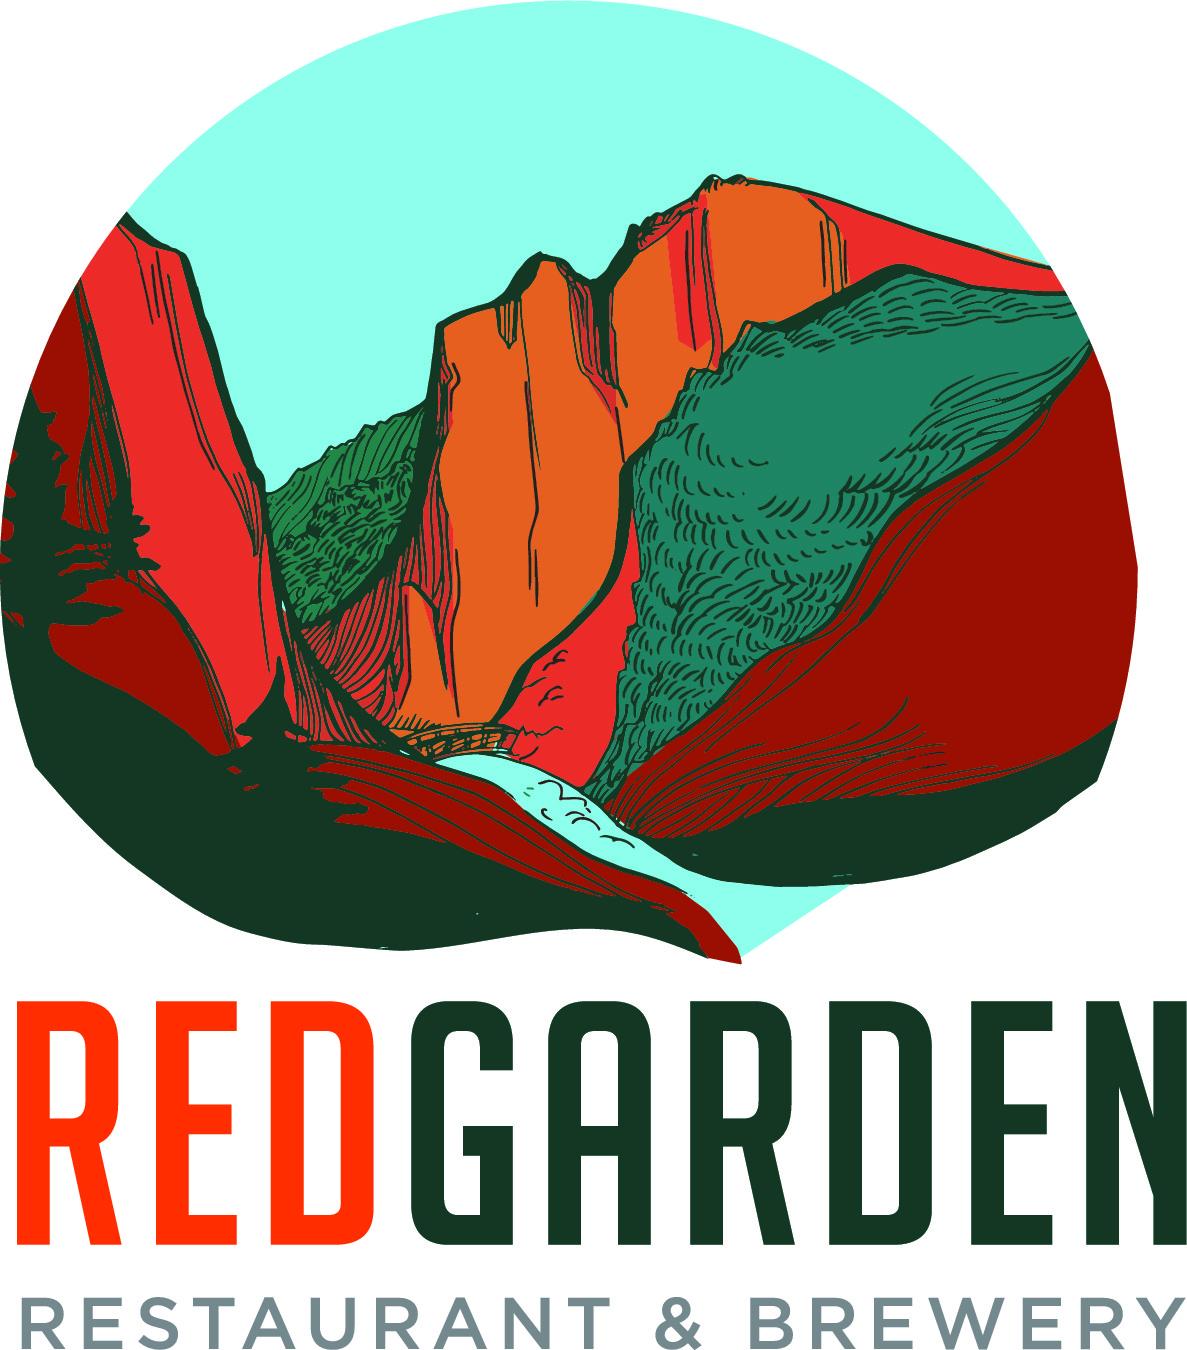 Redgarden_Final_Logo_Lynnillustration.jpg